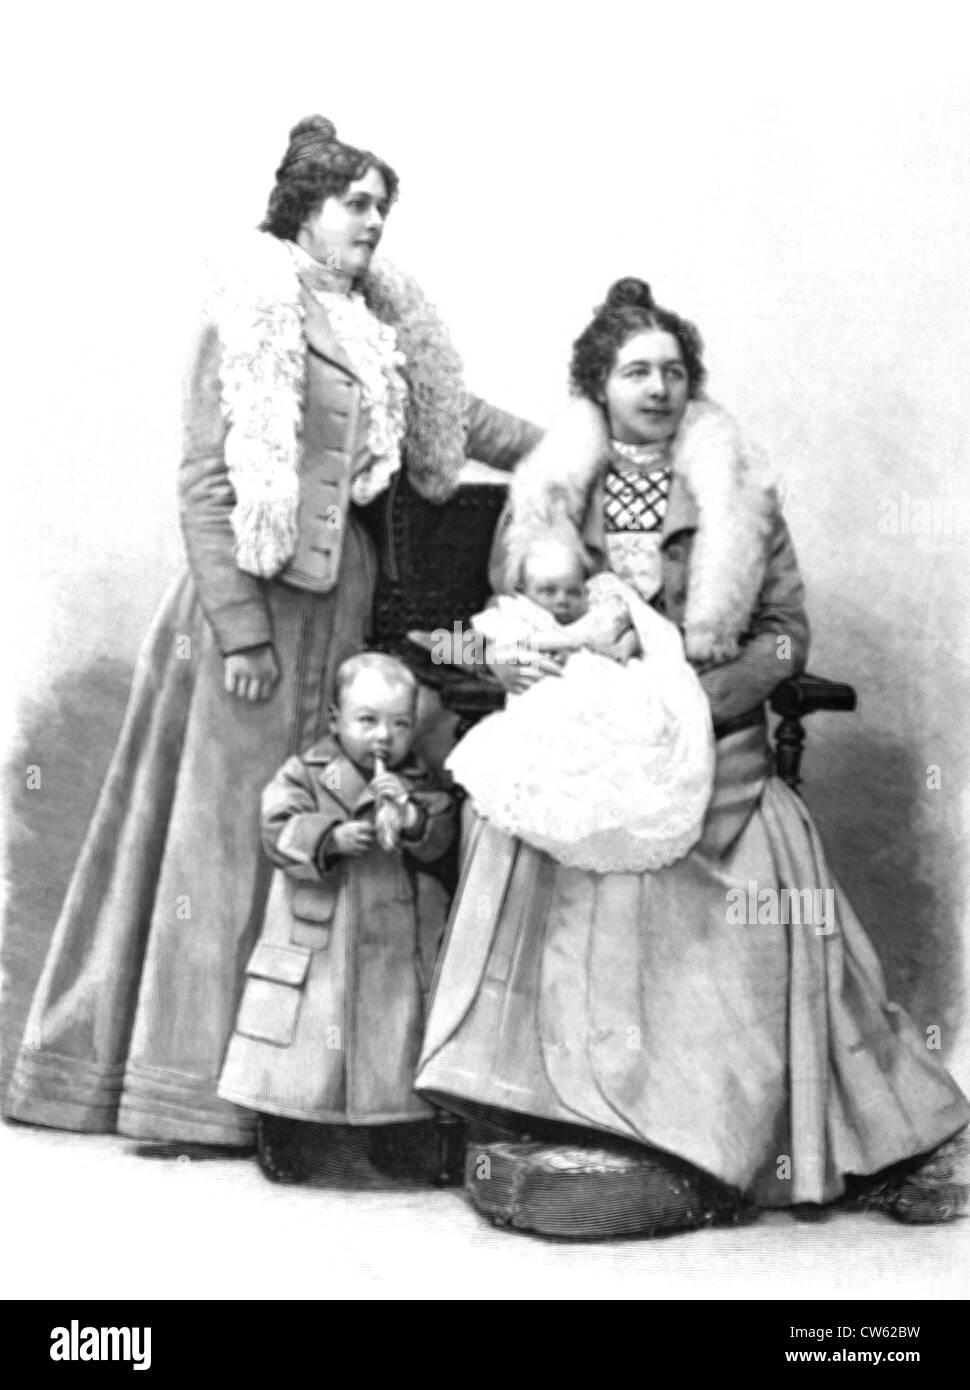 Burenkrieg. Porträts von Präsident Krüger Enkelinnen und Grand-Enkel, im Jahr 1900. Stockbild